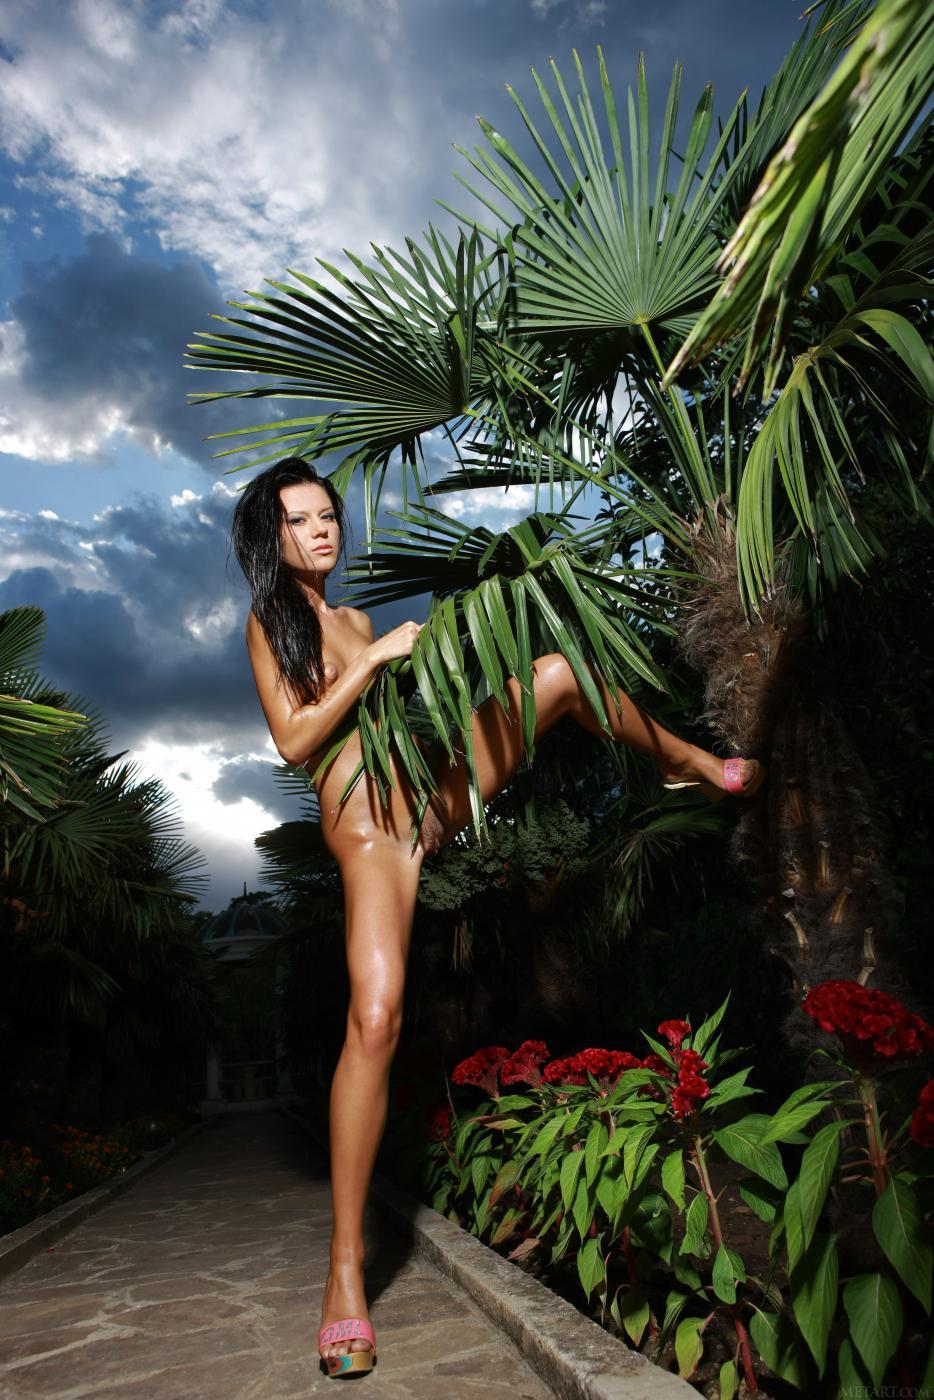 Настоящая русая порноактрисса Emily A показывает свое тело перед камерами на людях